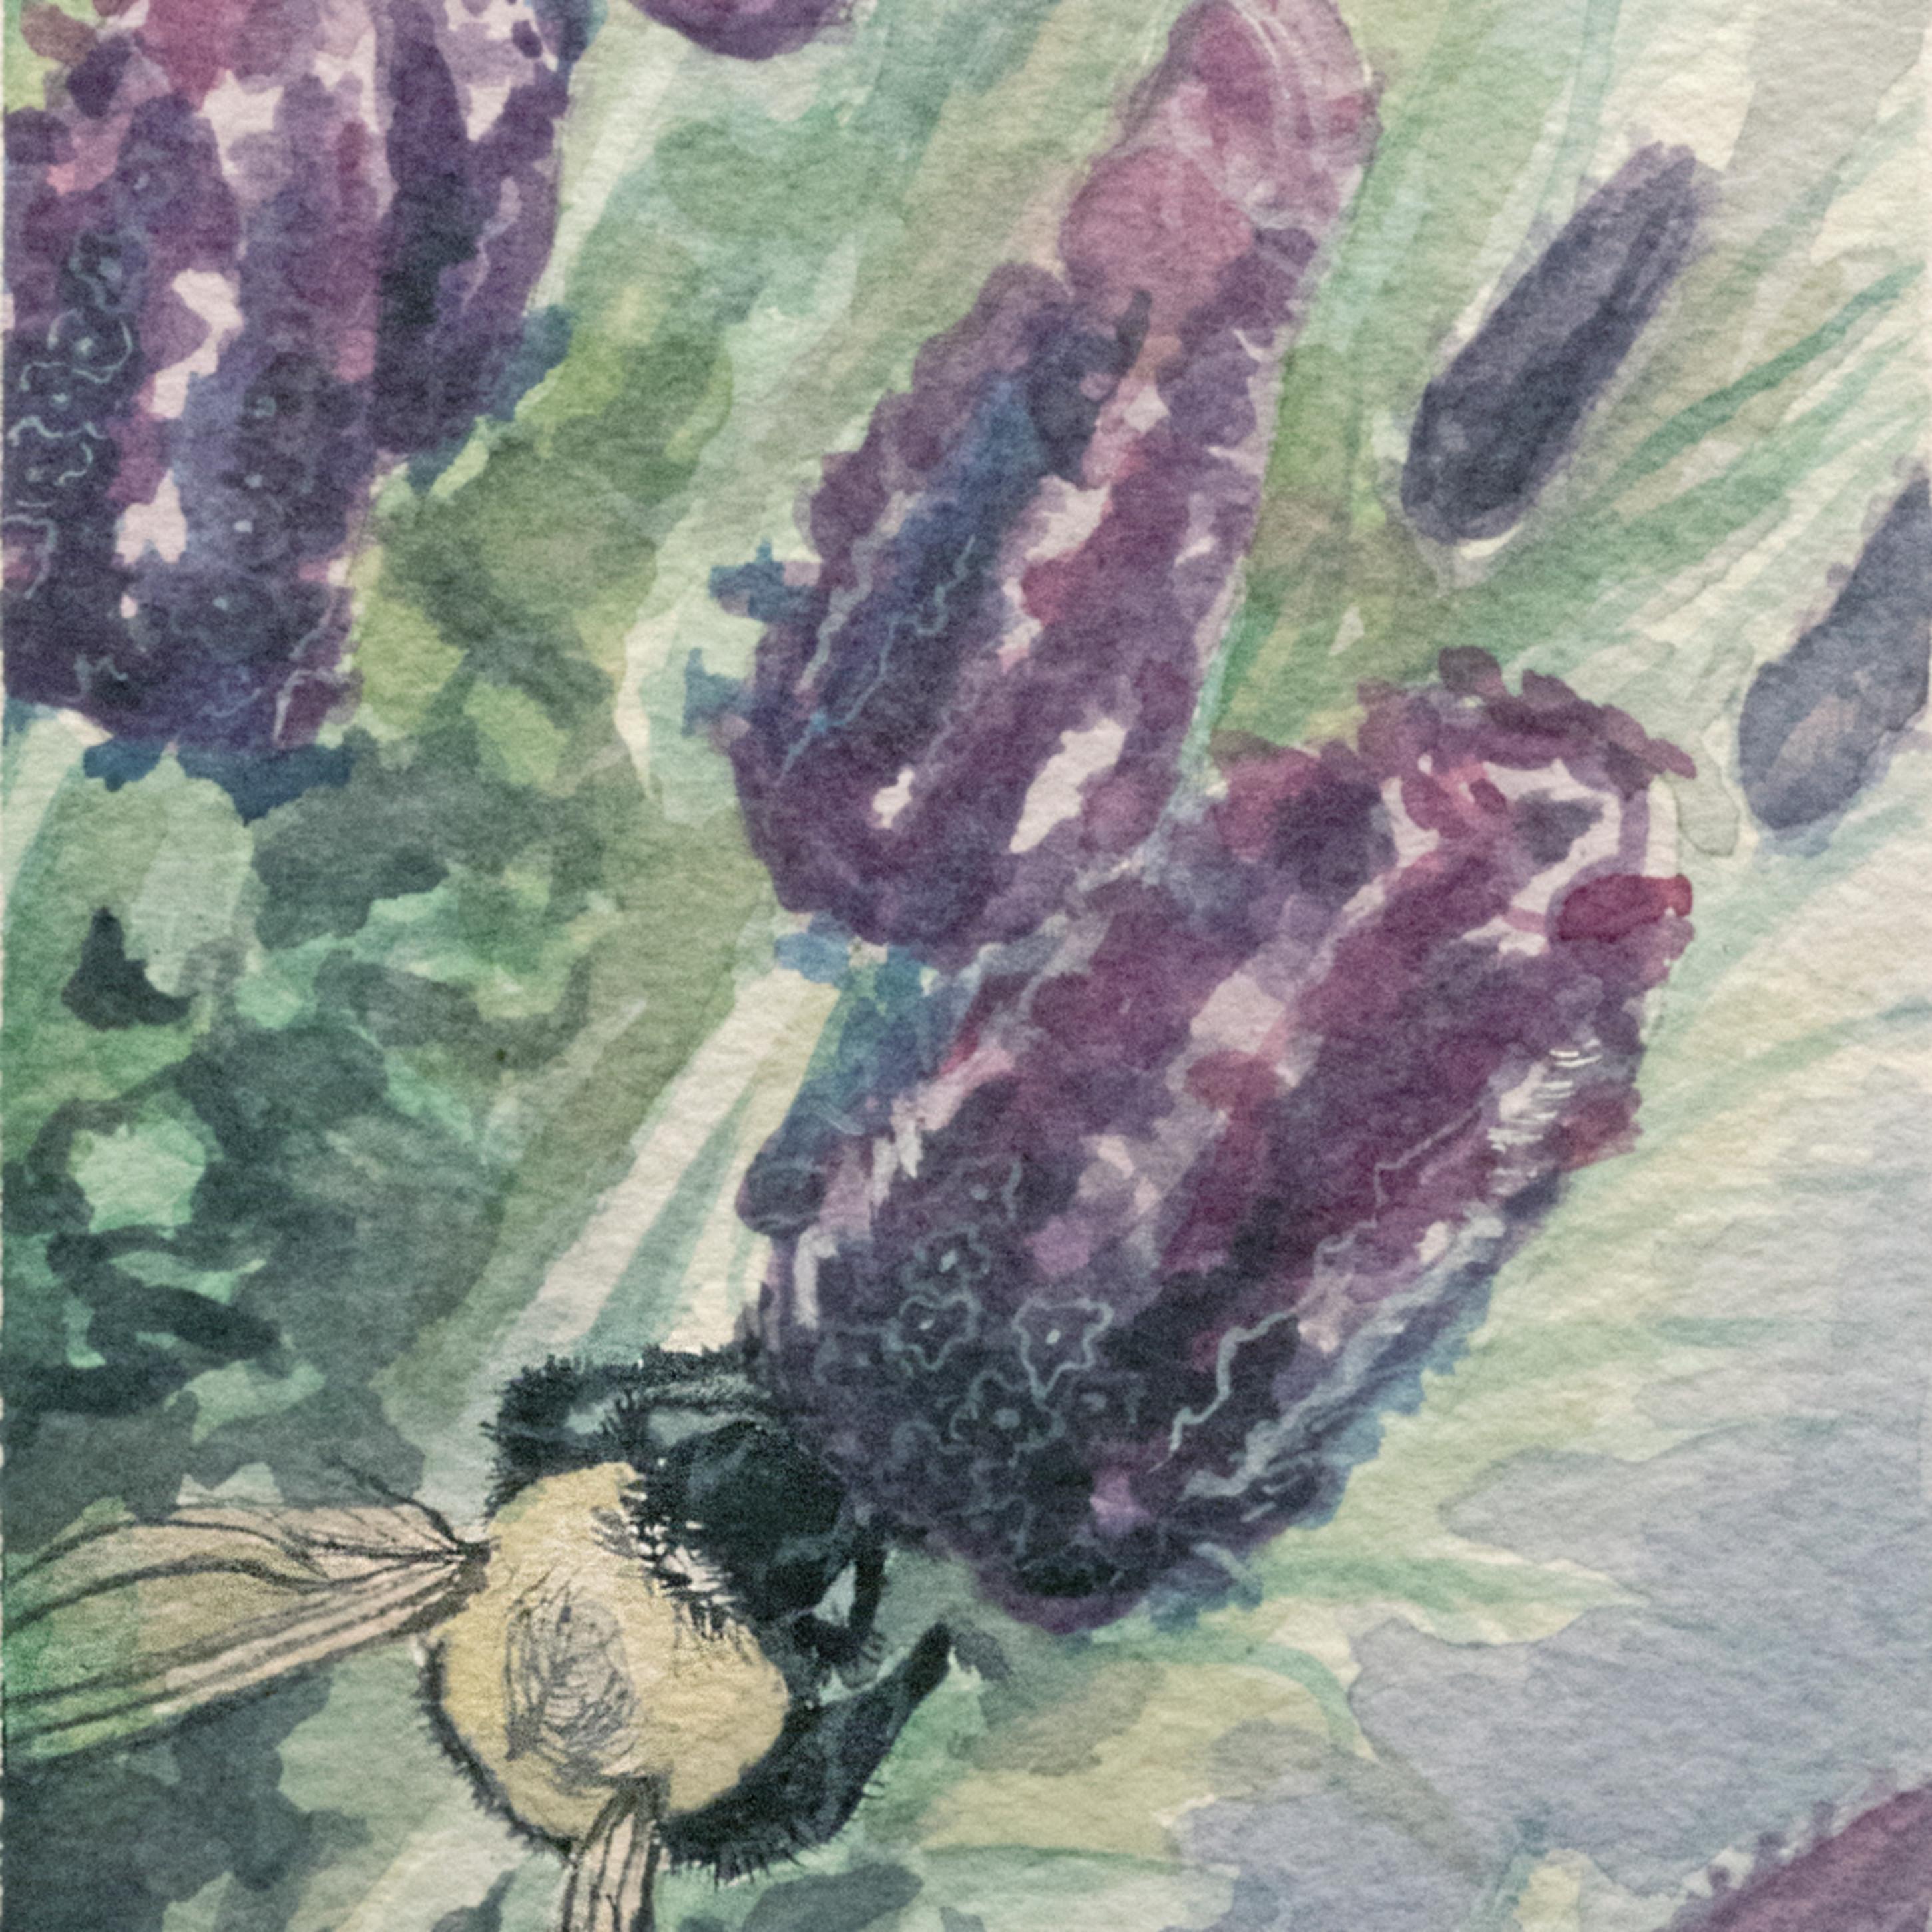 Bumblebee q6ncw7